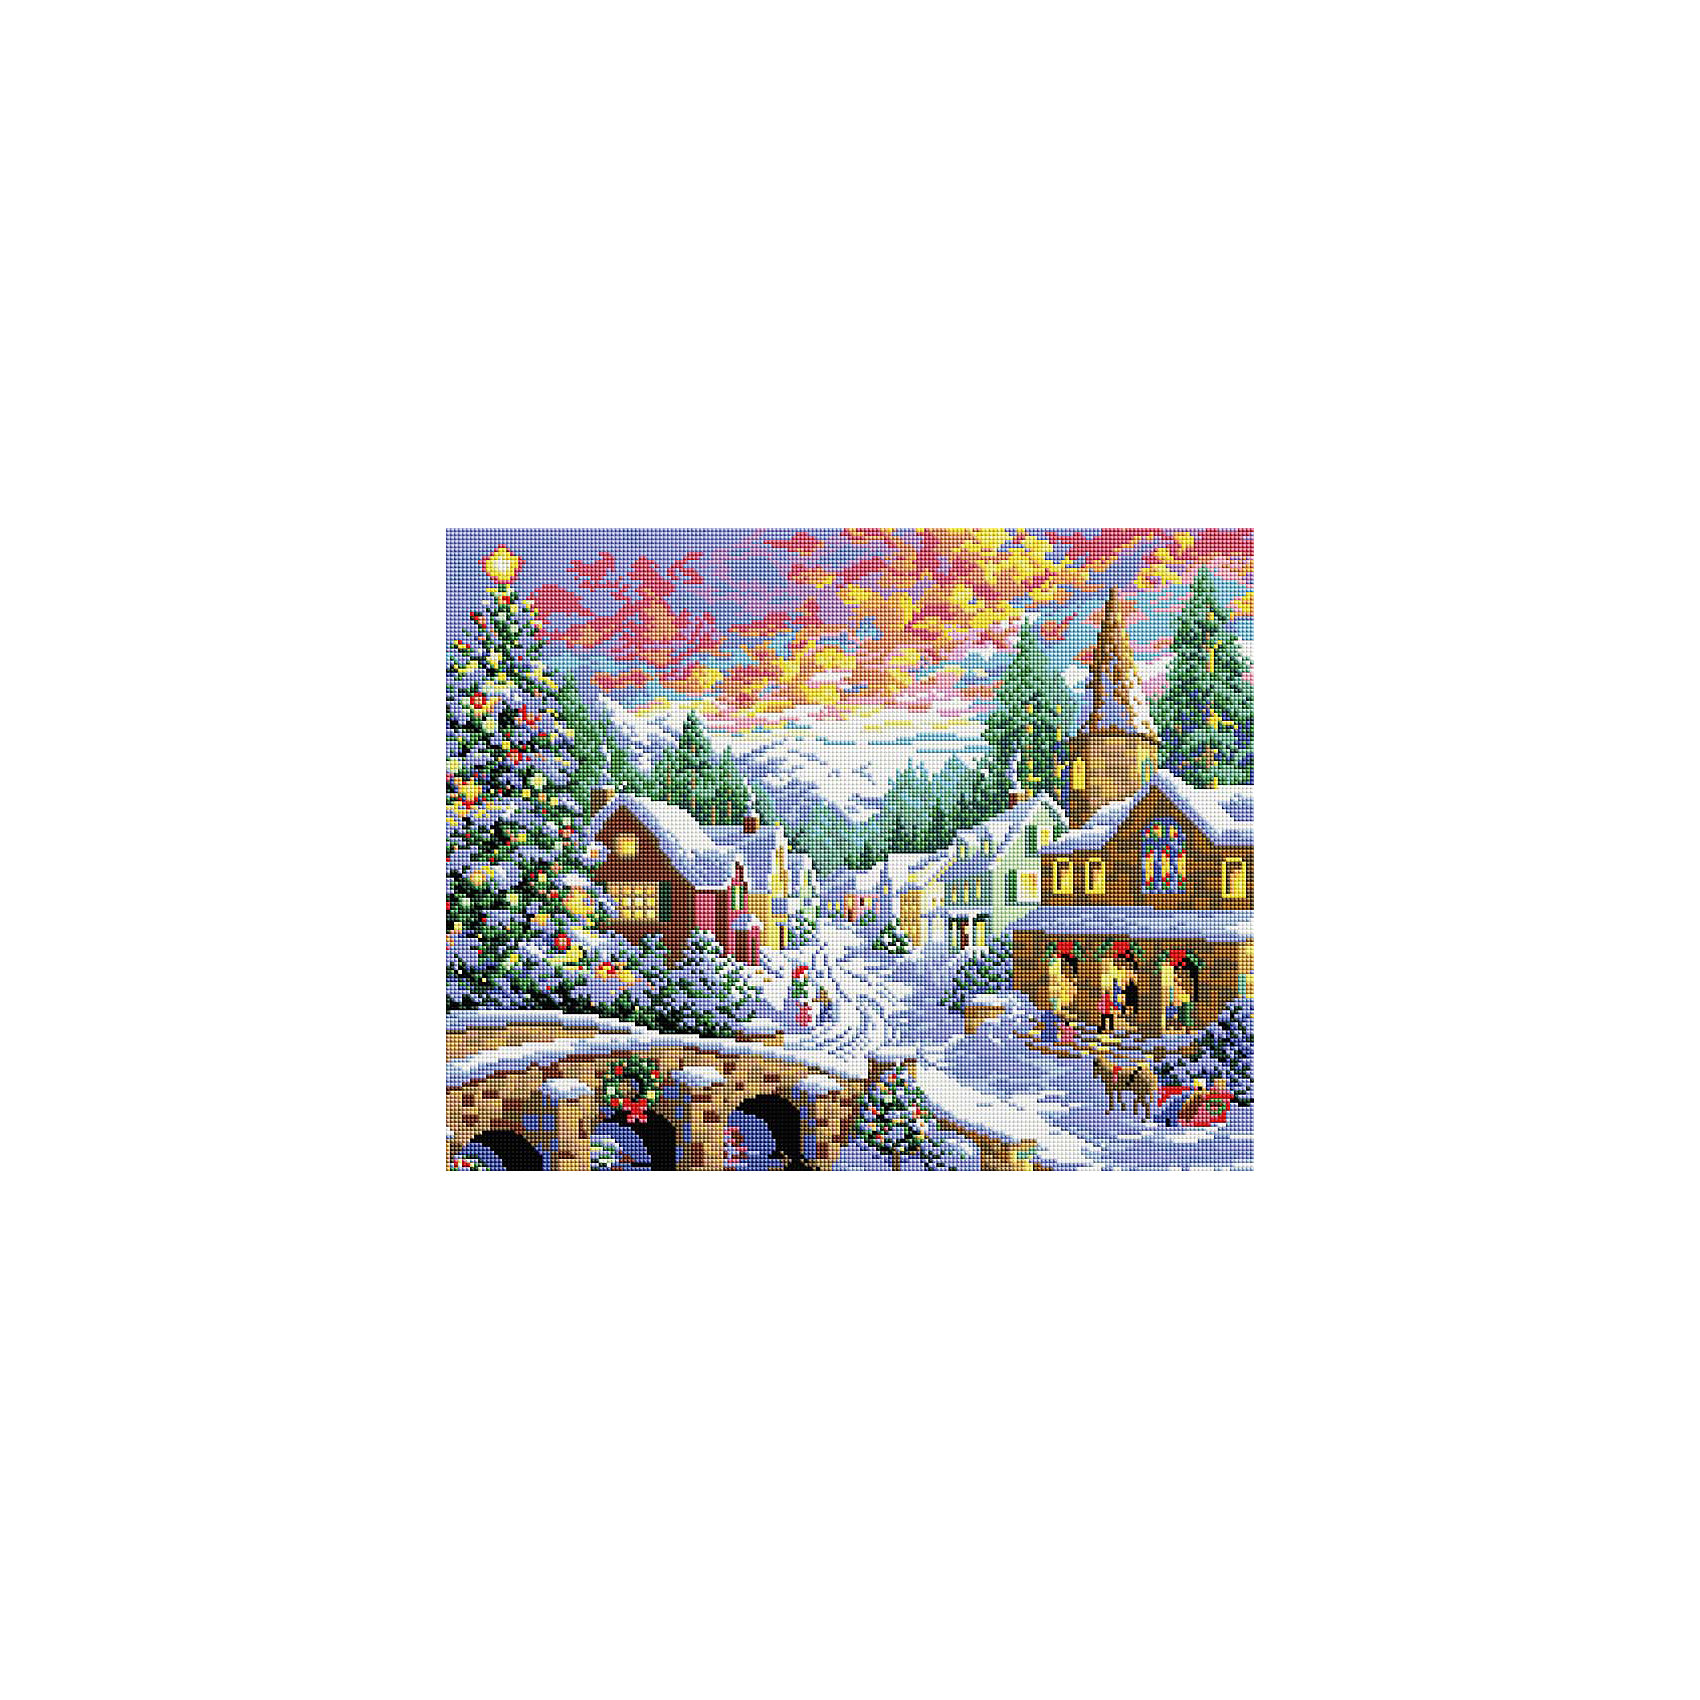 Мозаика на подрамнике Рождественская ночьМозаика на подрамнике<br><br>Ширина мм: 410<br>Глубина мм: 510<br>Высота мм: 25<br>Вес г: 1450<br>Возраст от месяцев: 144<br>Возраст до месяцев: 192<br>Пол: Унисекс<br>Возраст: Детский<br>SKU: 5089778